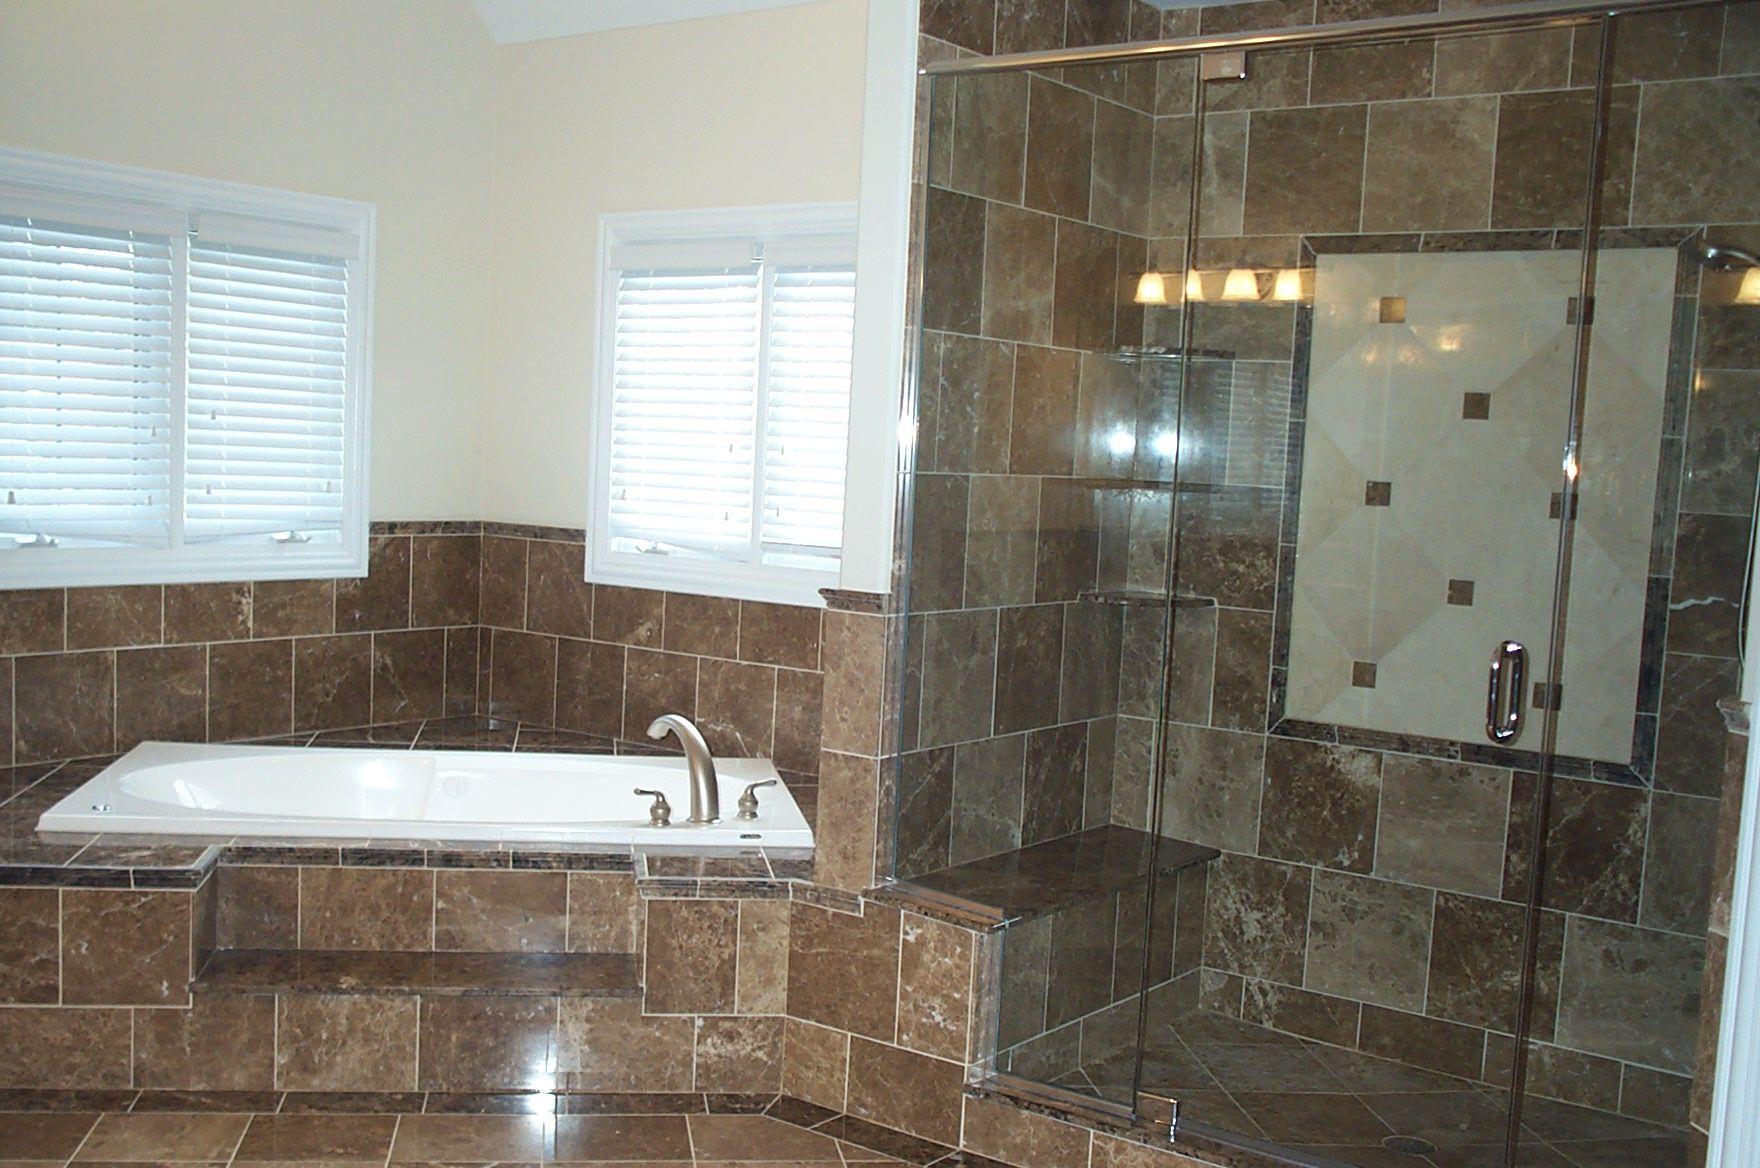 Nice bathrooms nicebathroomremodelingjobwithbigdarktiles